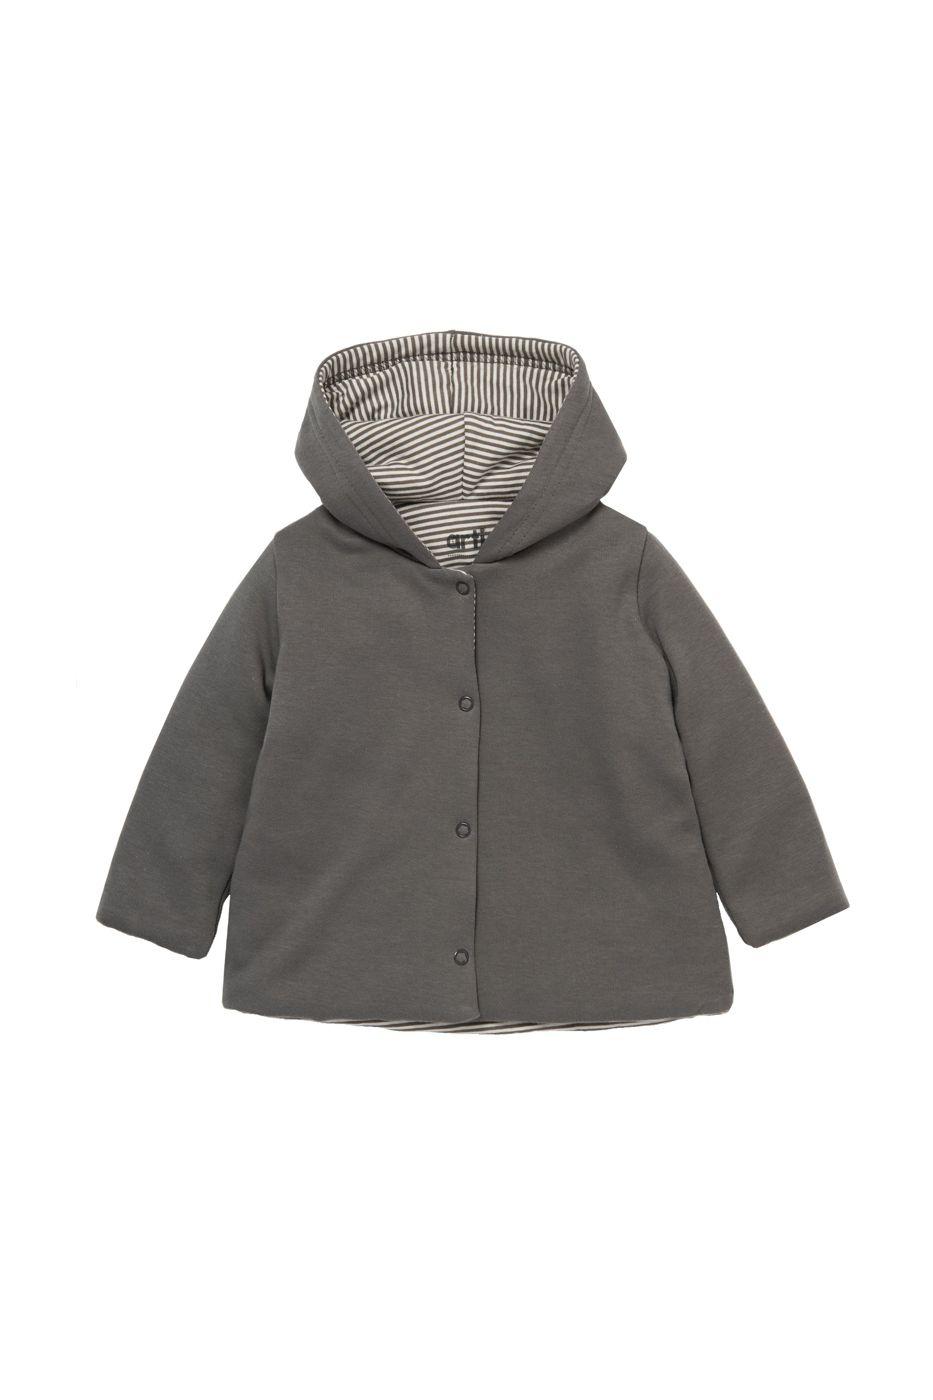 Куртка утепленная детская artie, цв. серый, р-р 62 Artie   фото